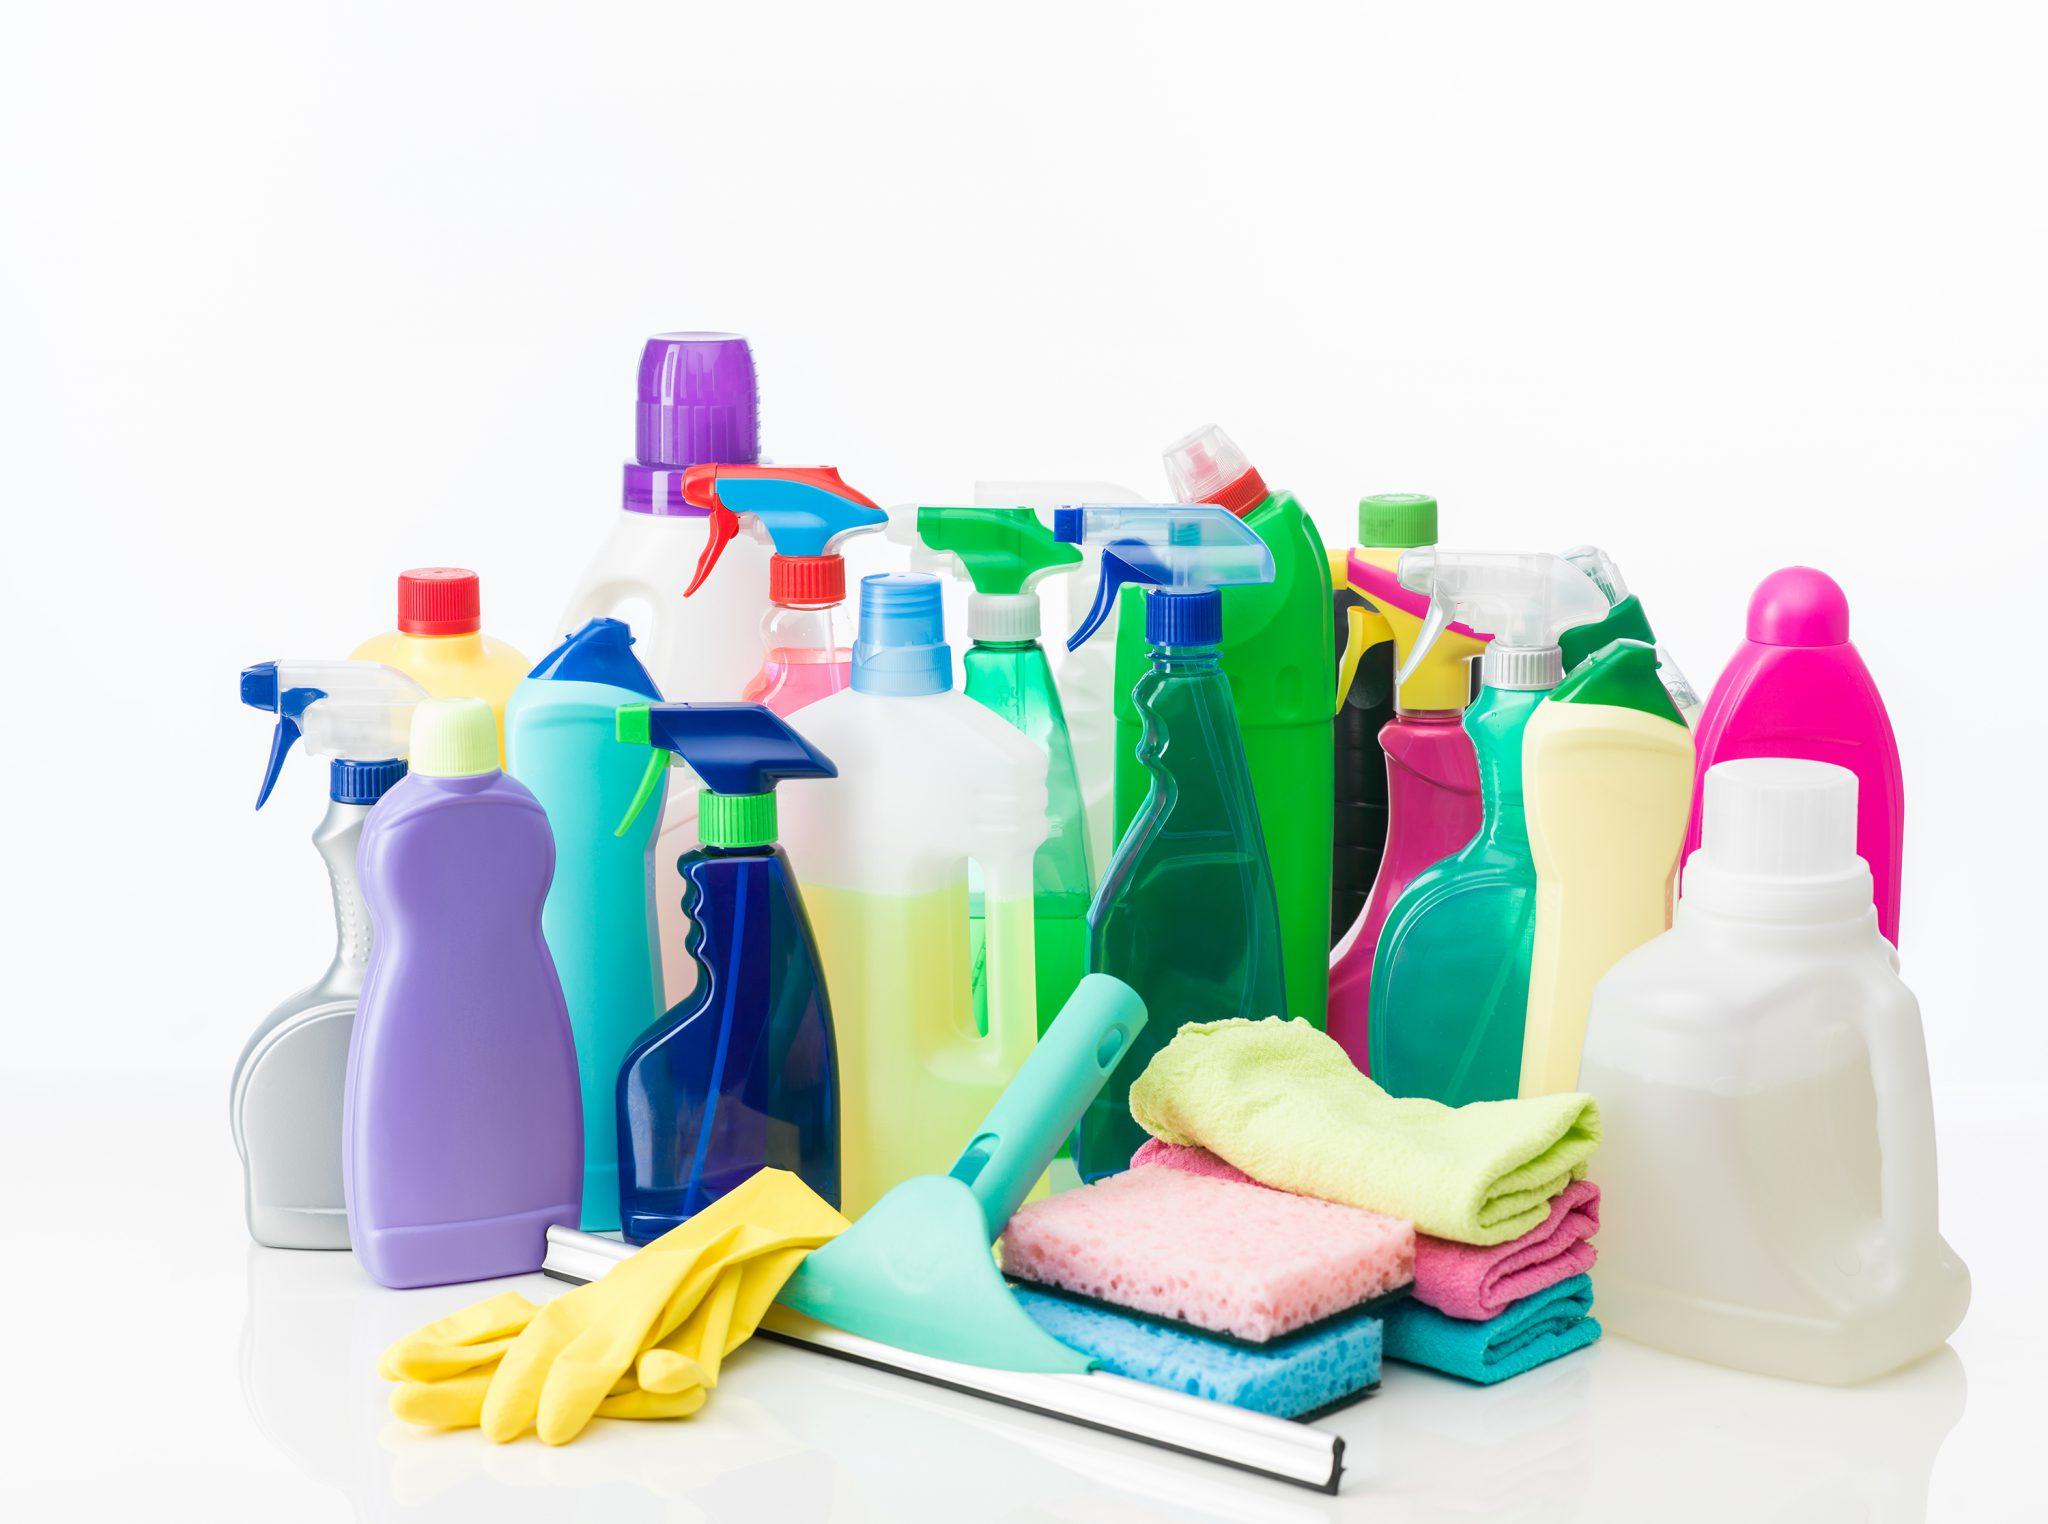 Podutos Limpeza e Higienização